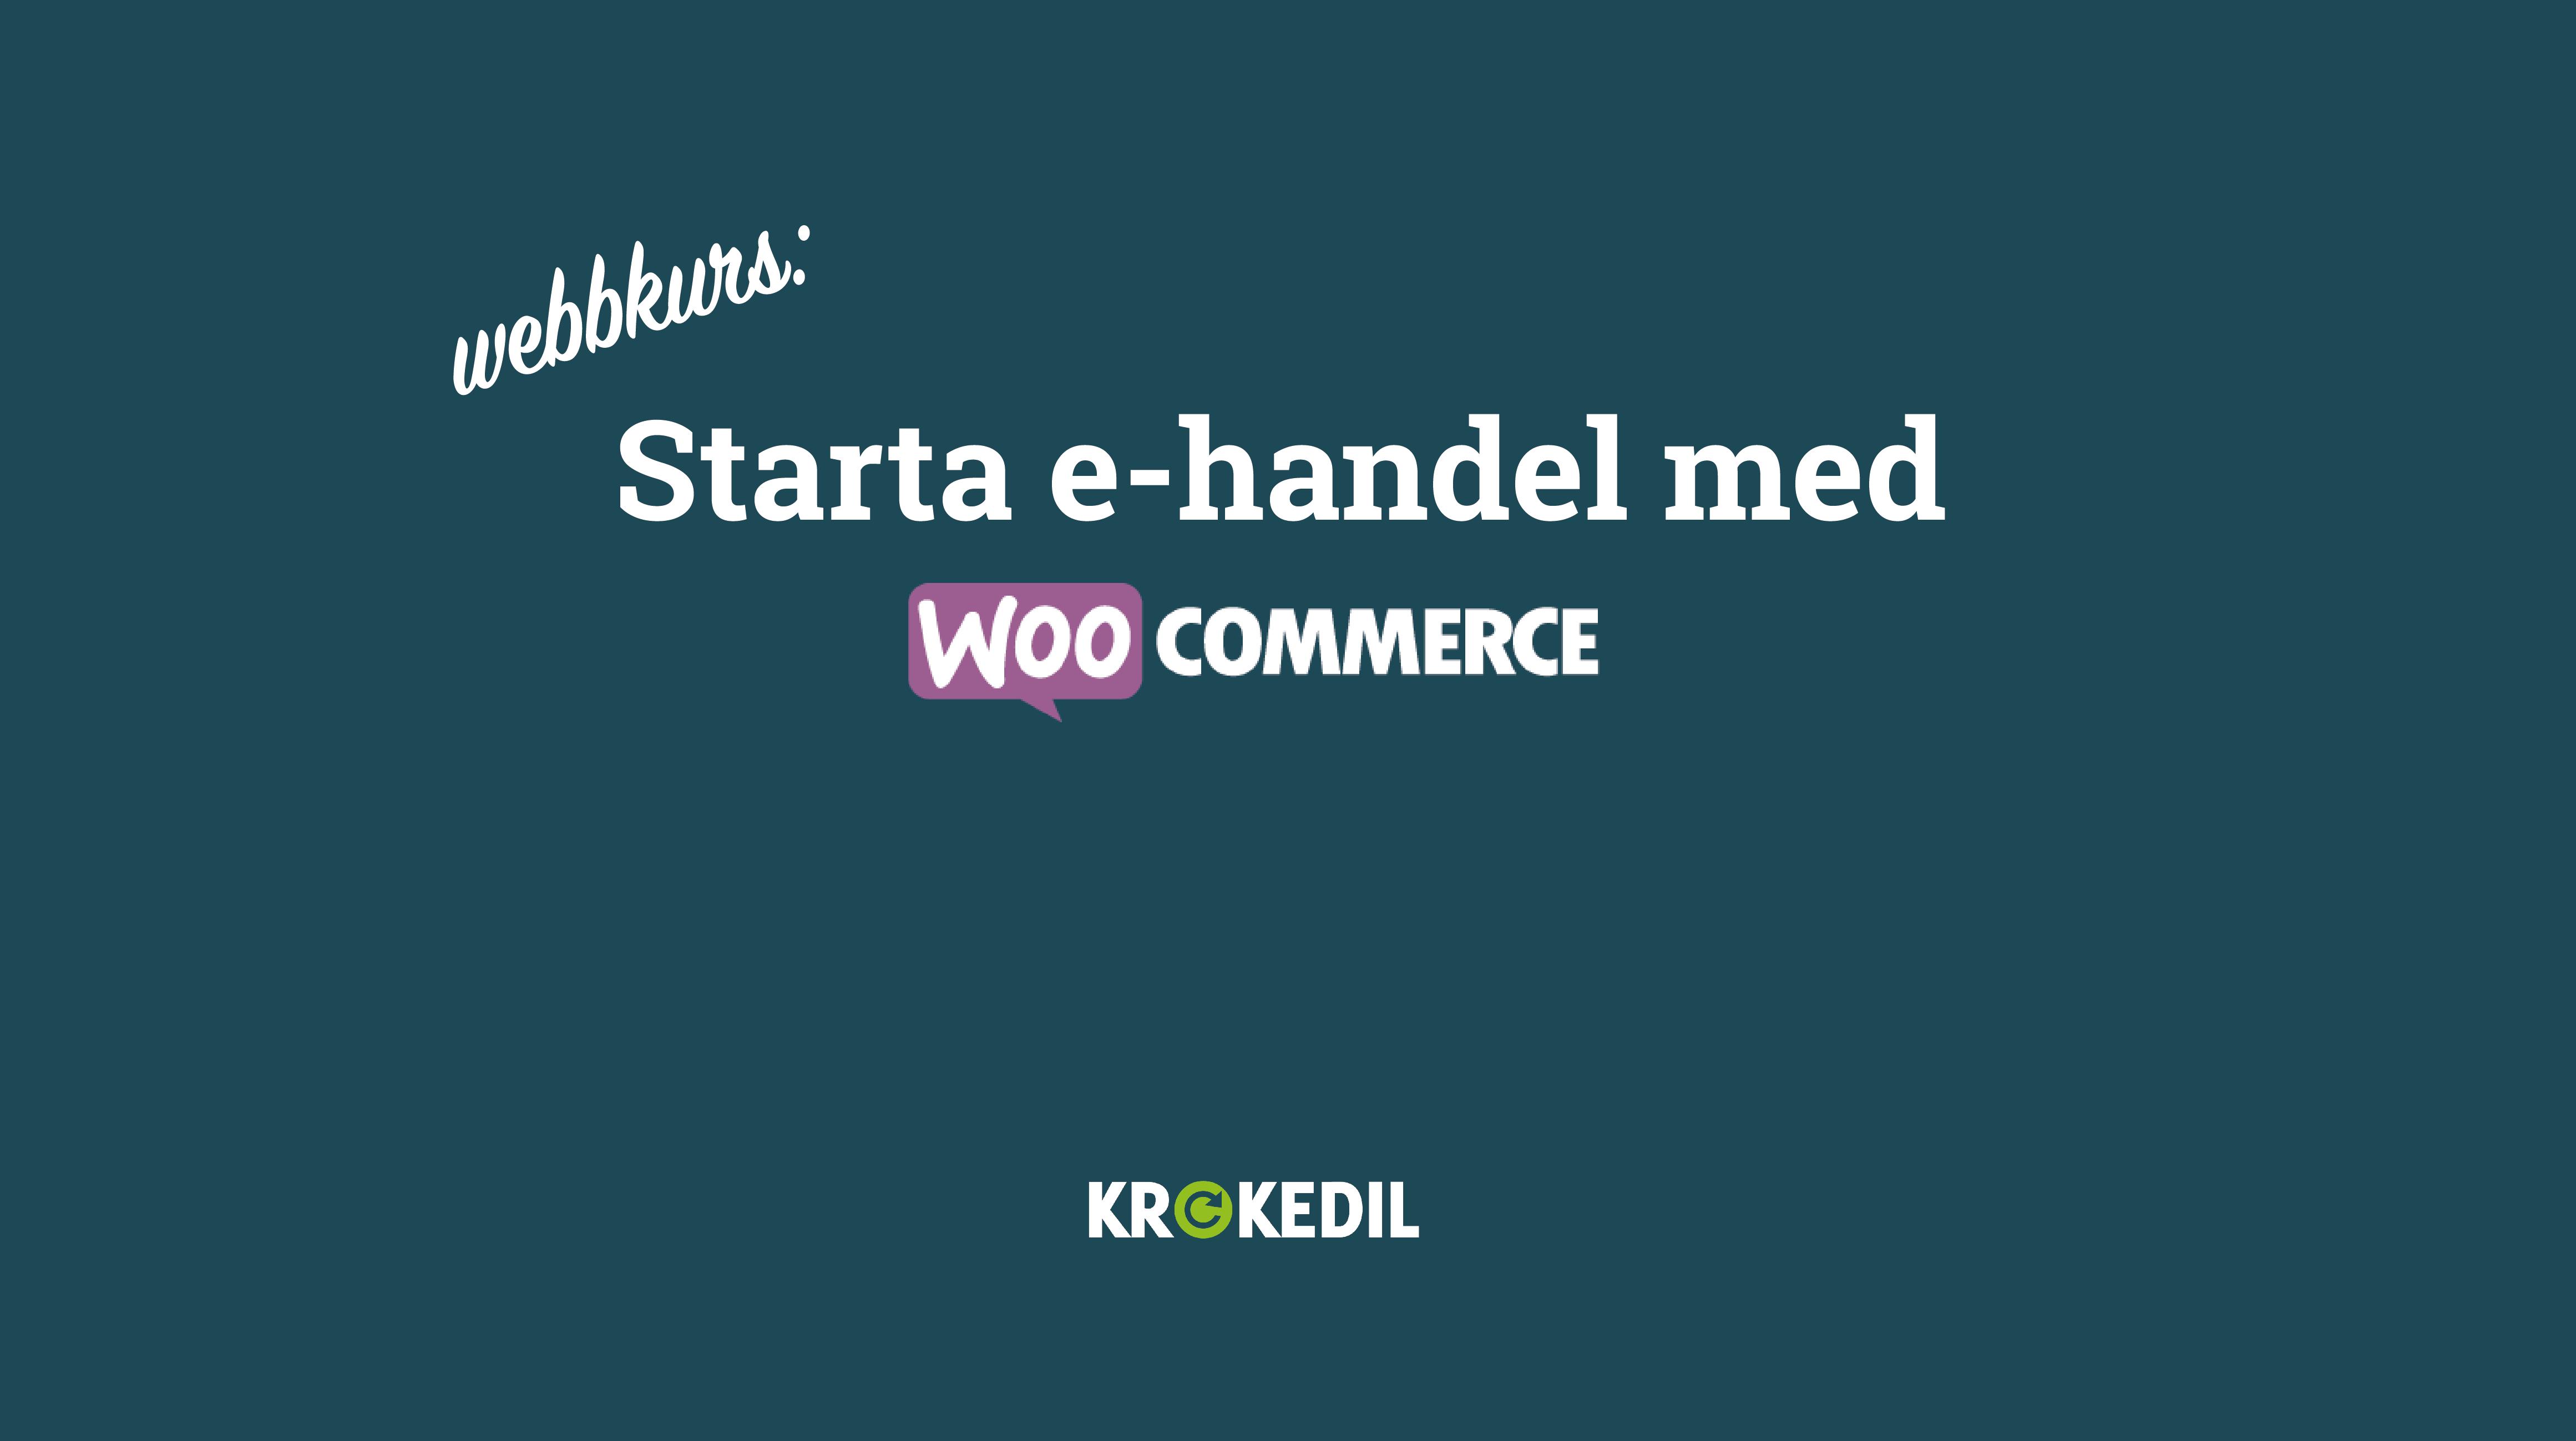 Starta e-handel med Woocommerce